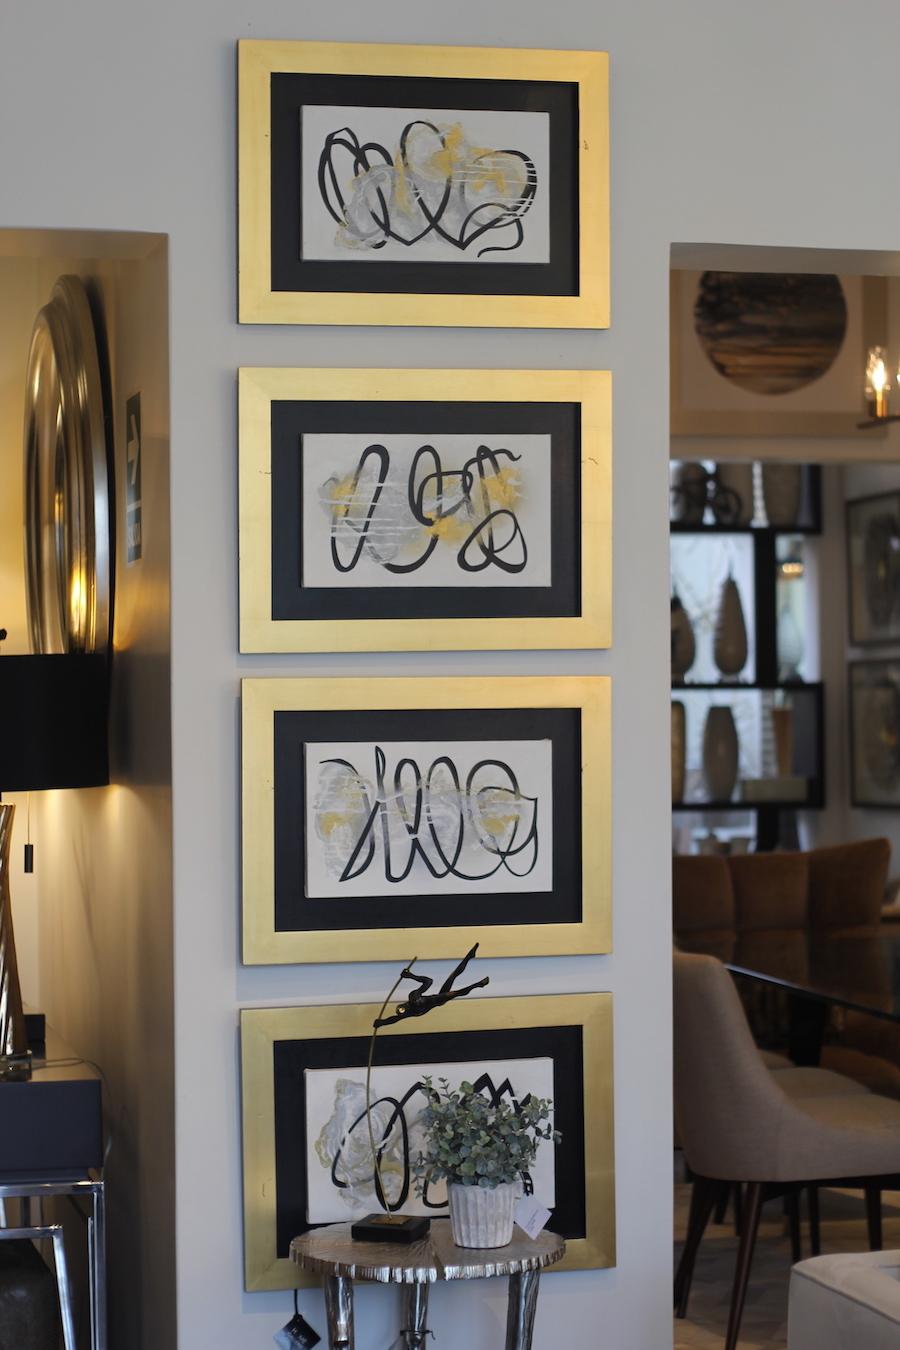 marcos de cuadros dorados - cómo decorar con dorado - adornos dorados para la casa